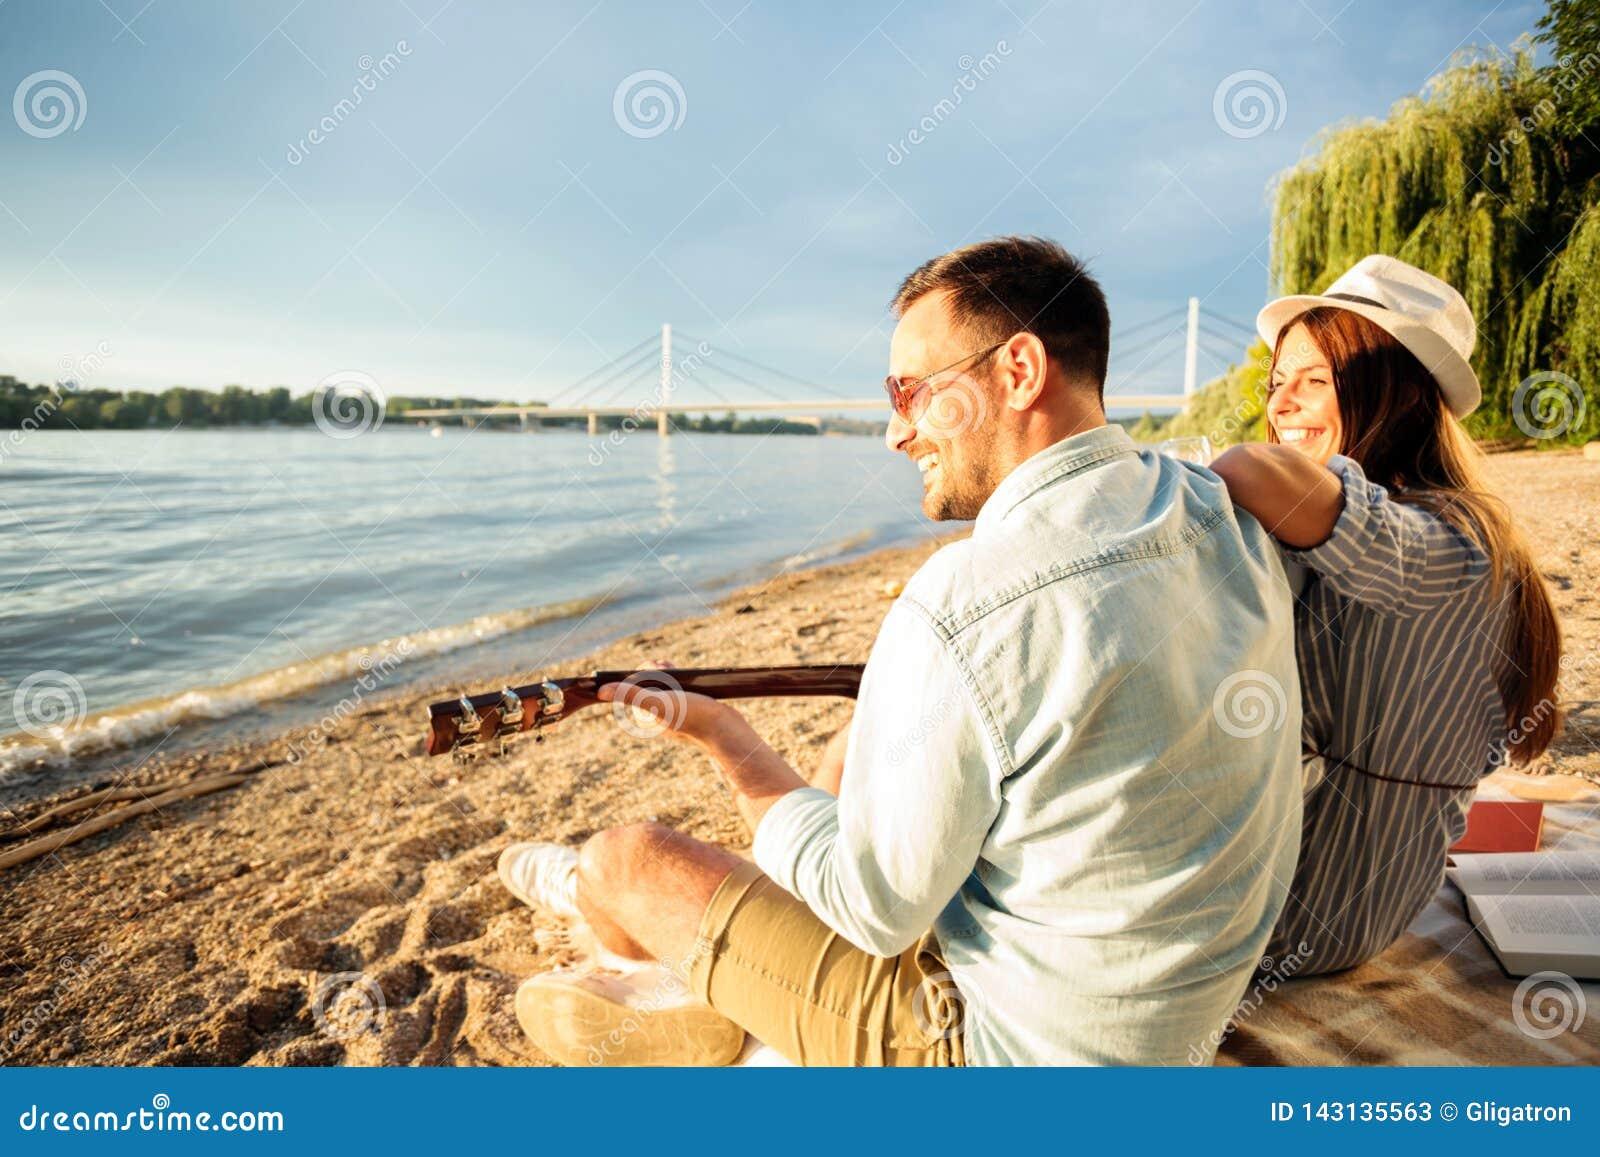 愉快的年轻夫妇有了不起的时光一起在海滩,弹吉他